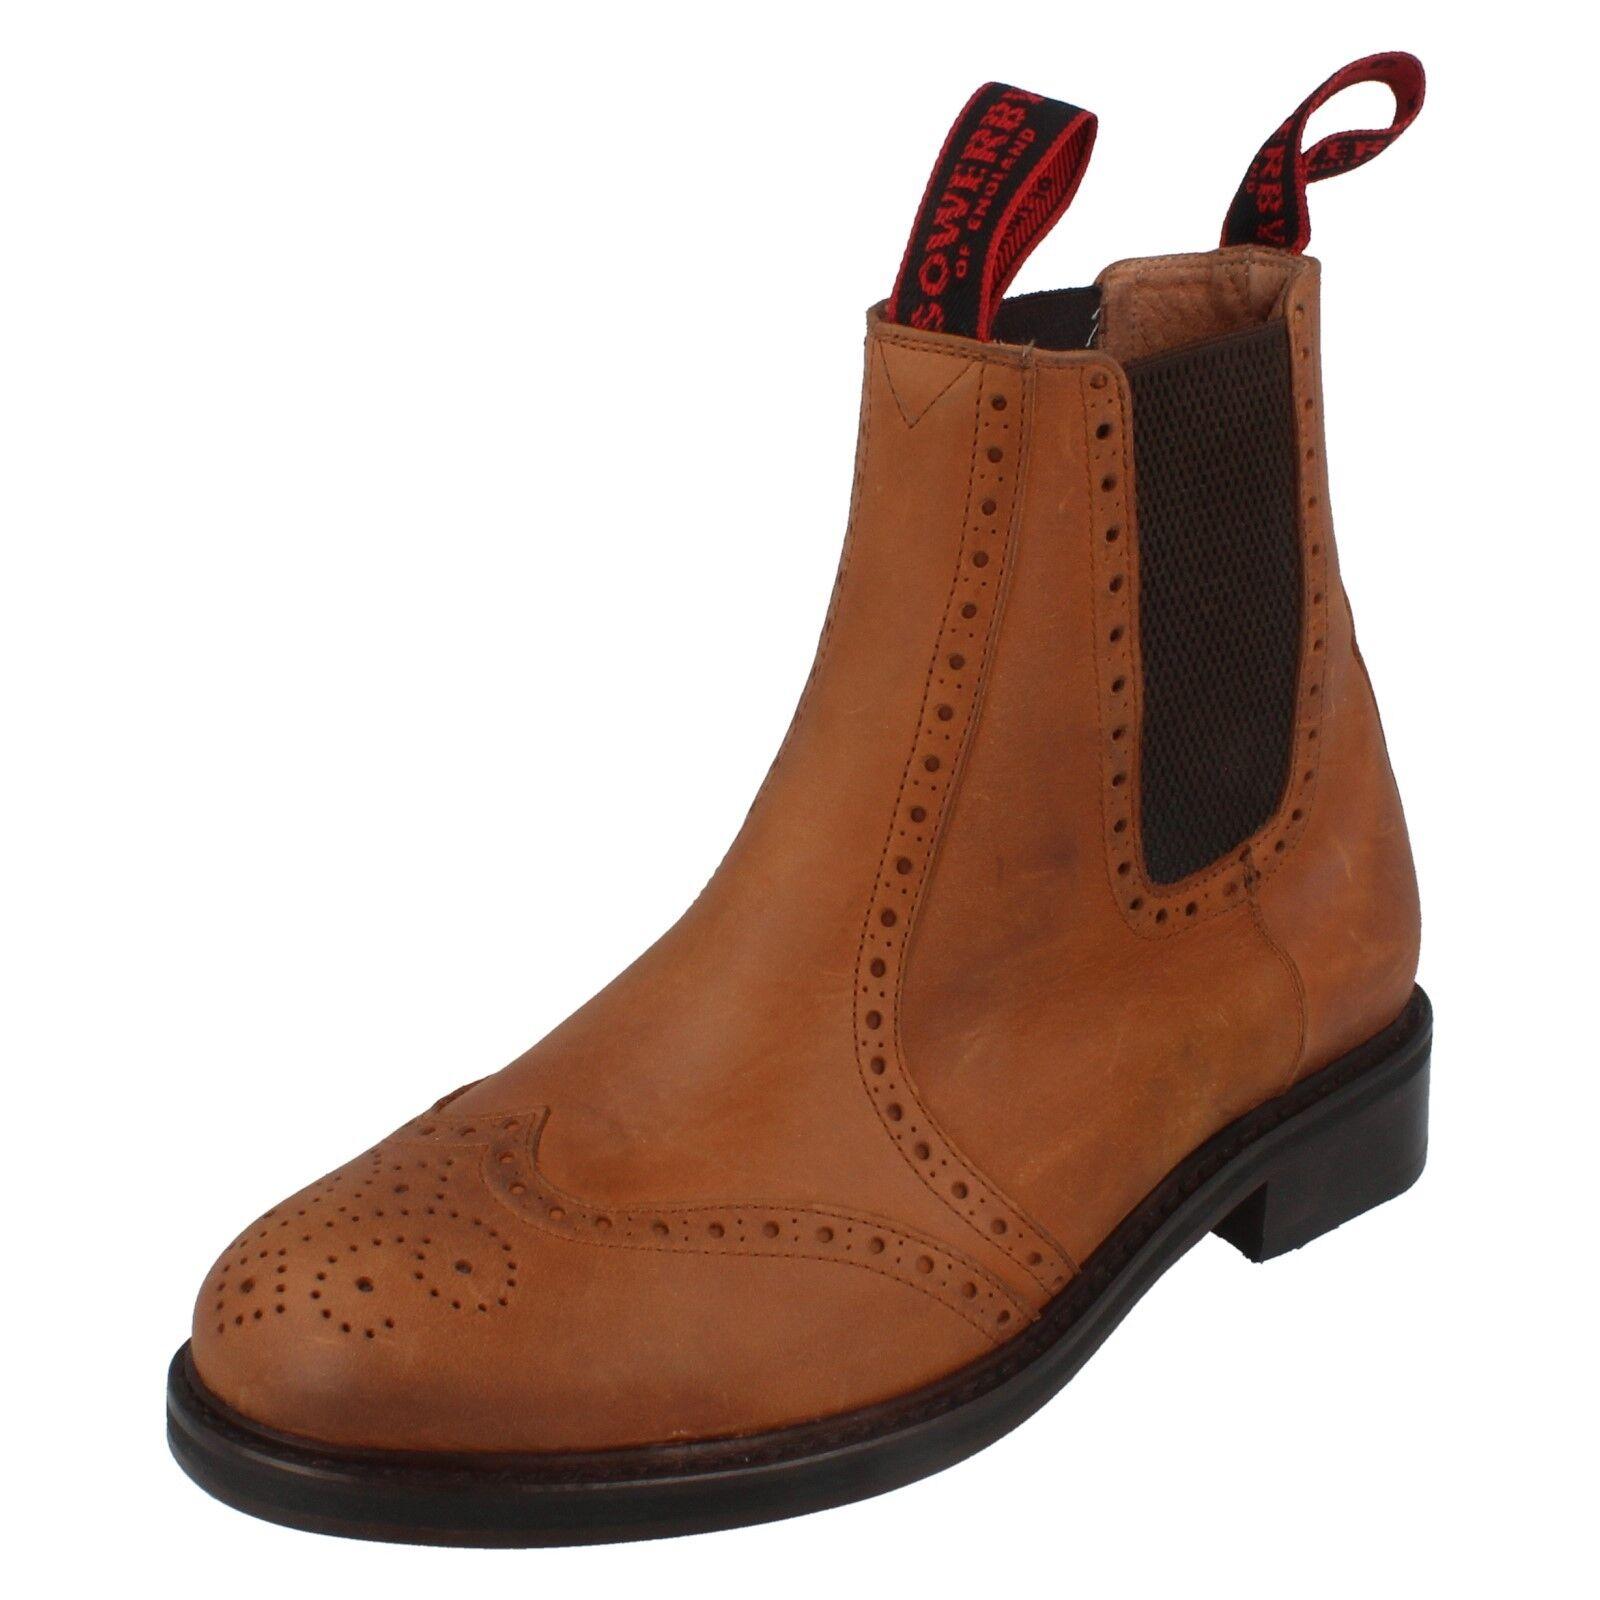 Herren Sowerby Cheltenham Braun Schmierig Schmierig Schmierig Leather Stiefeletten LS550GAU   6001e4